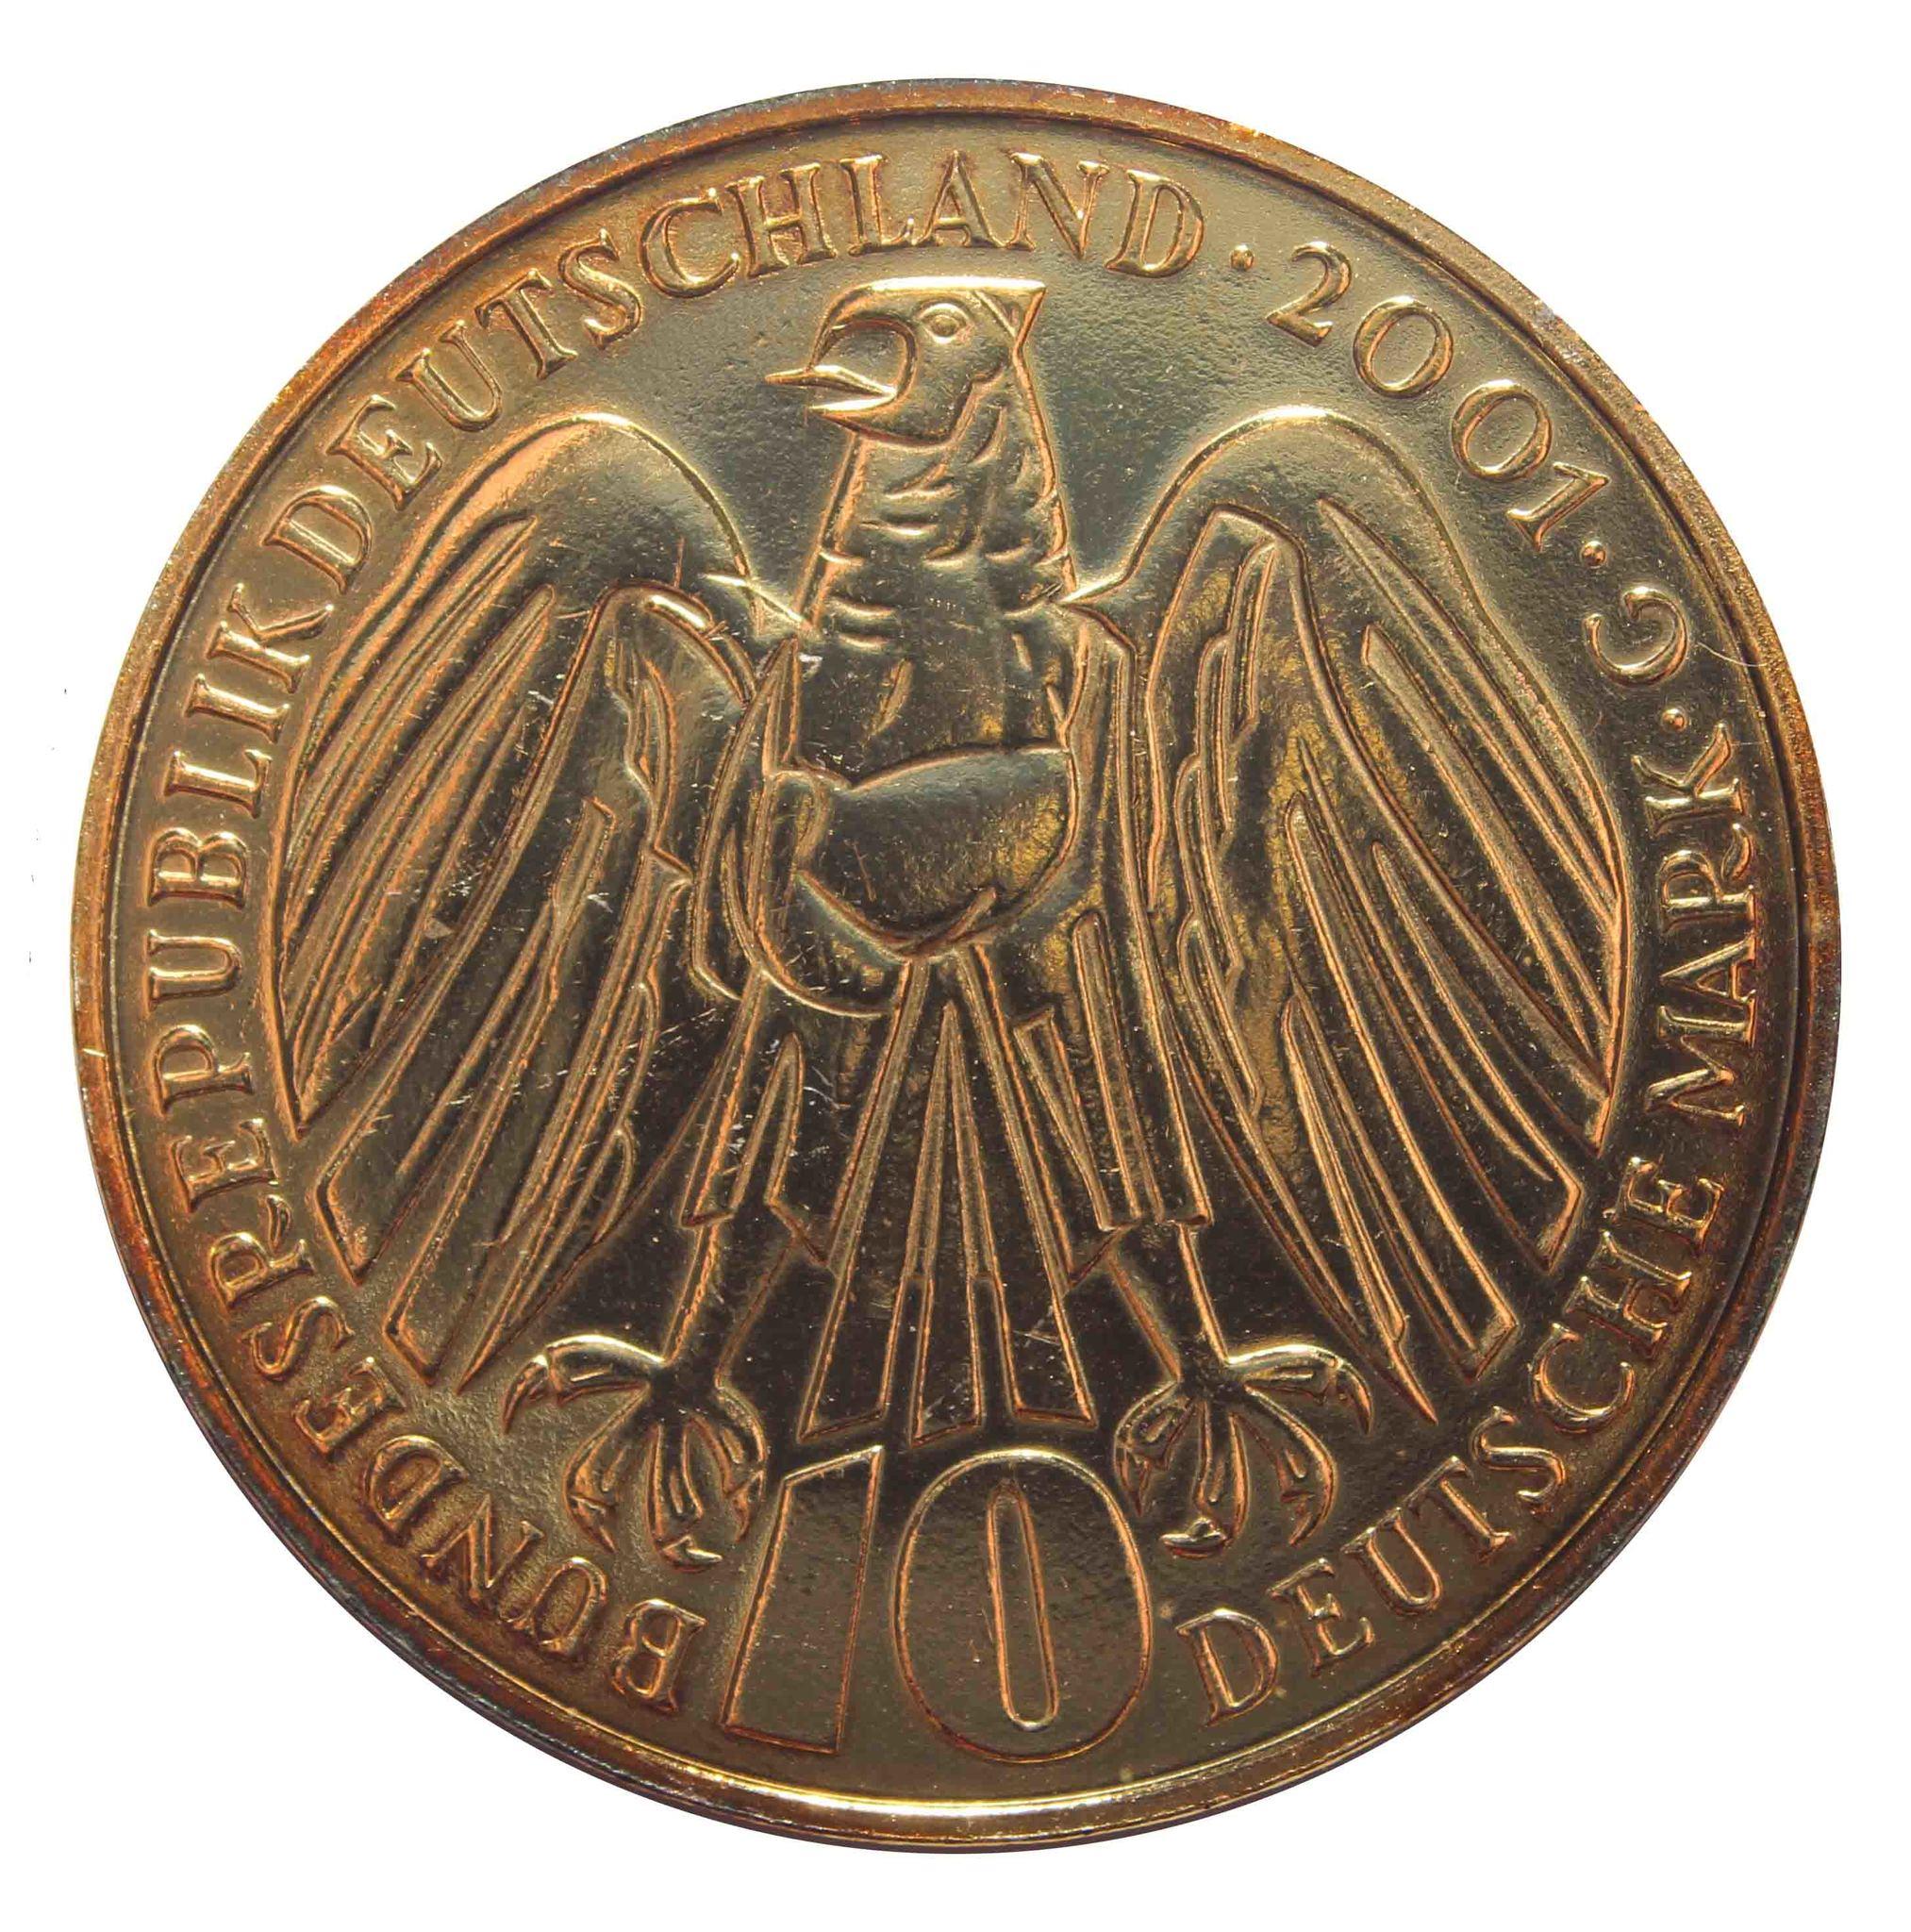 10 марок. 50 лет Федеральному конституционному суду (G). Серебро с позолотой. 2001 г. UNC